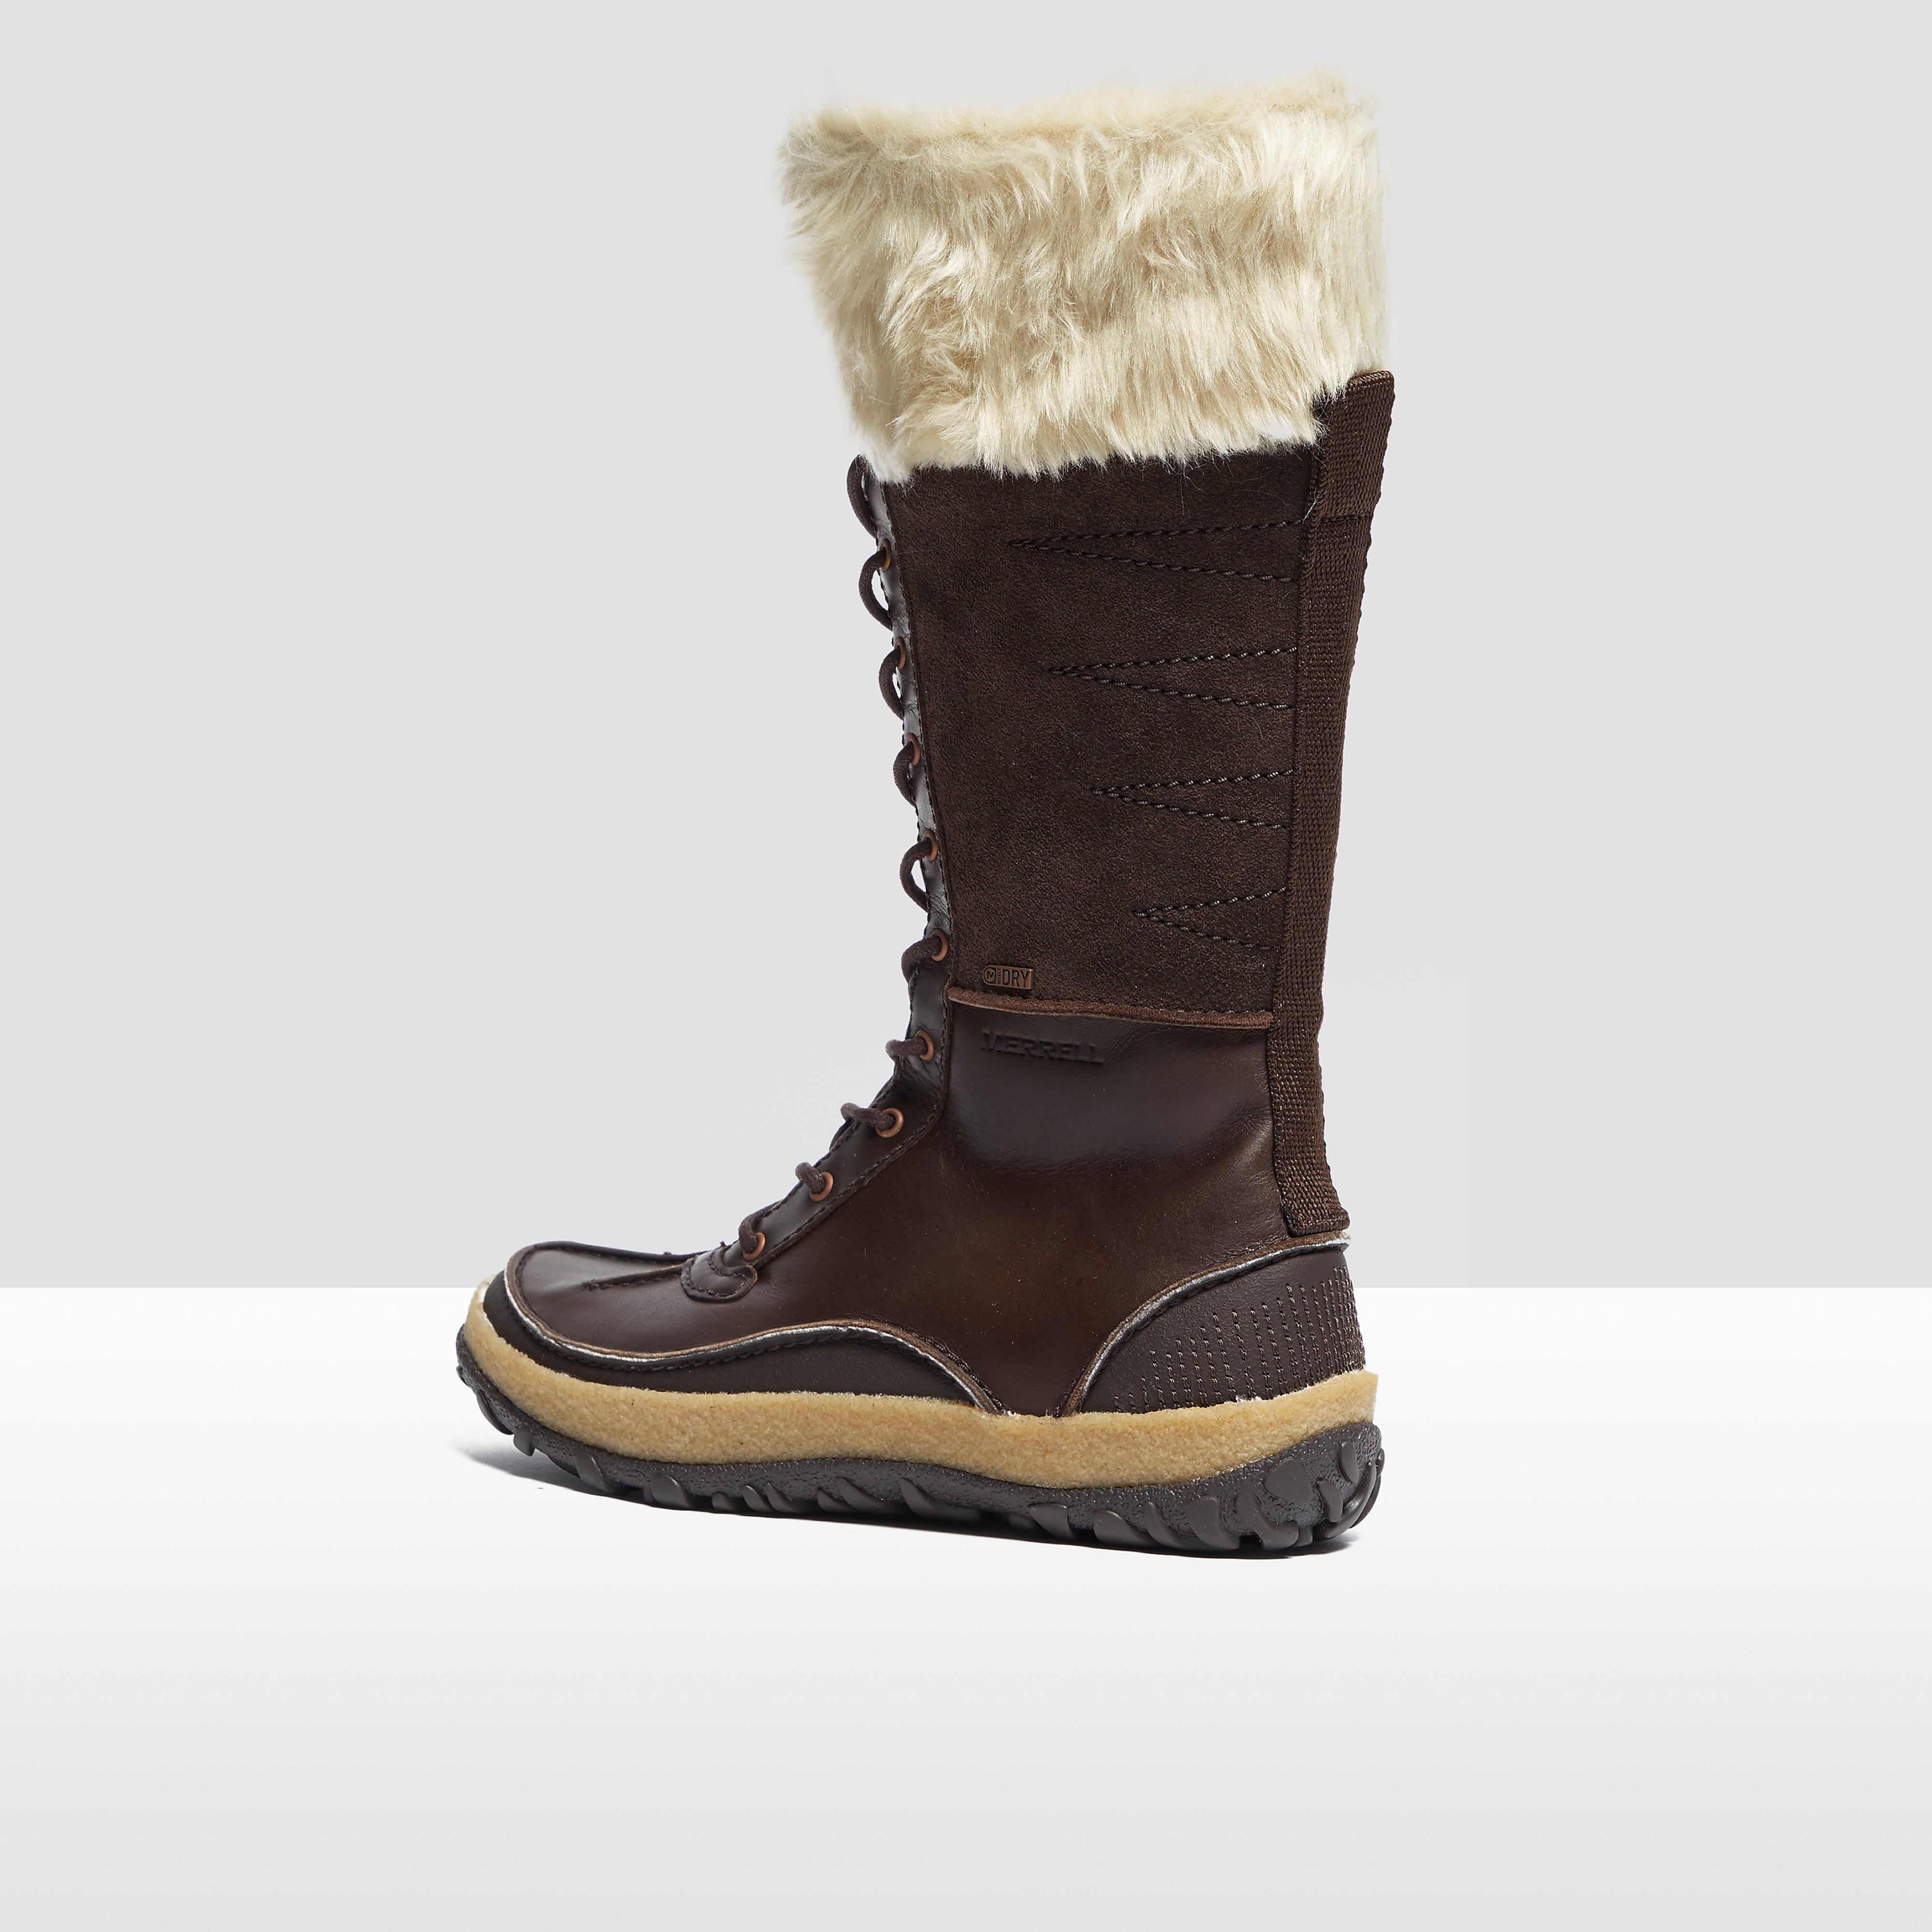 Merrell Tremblant Tall Polar Waterproof Women' Boots